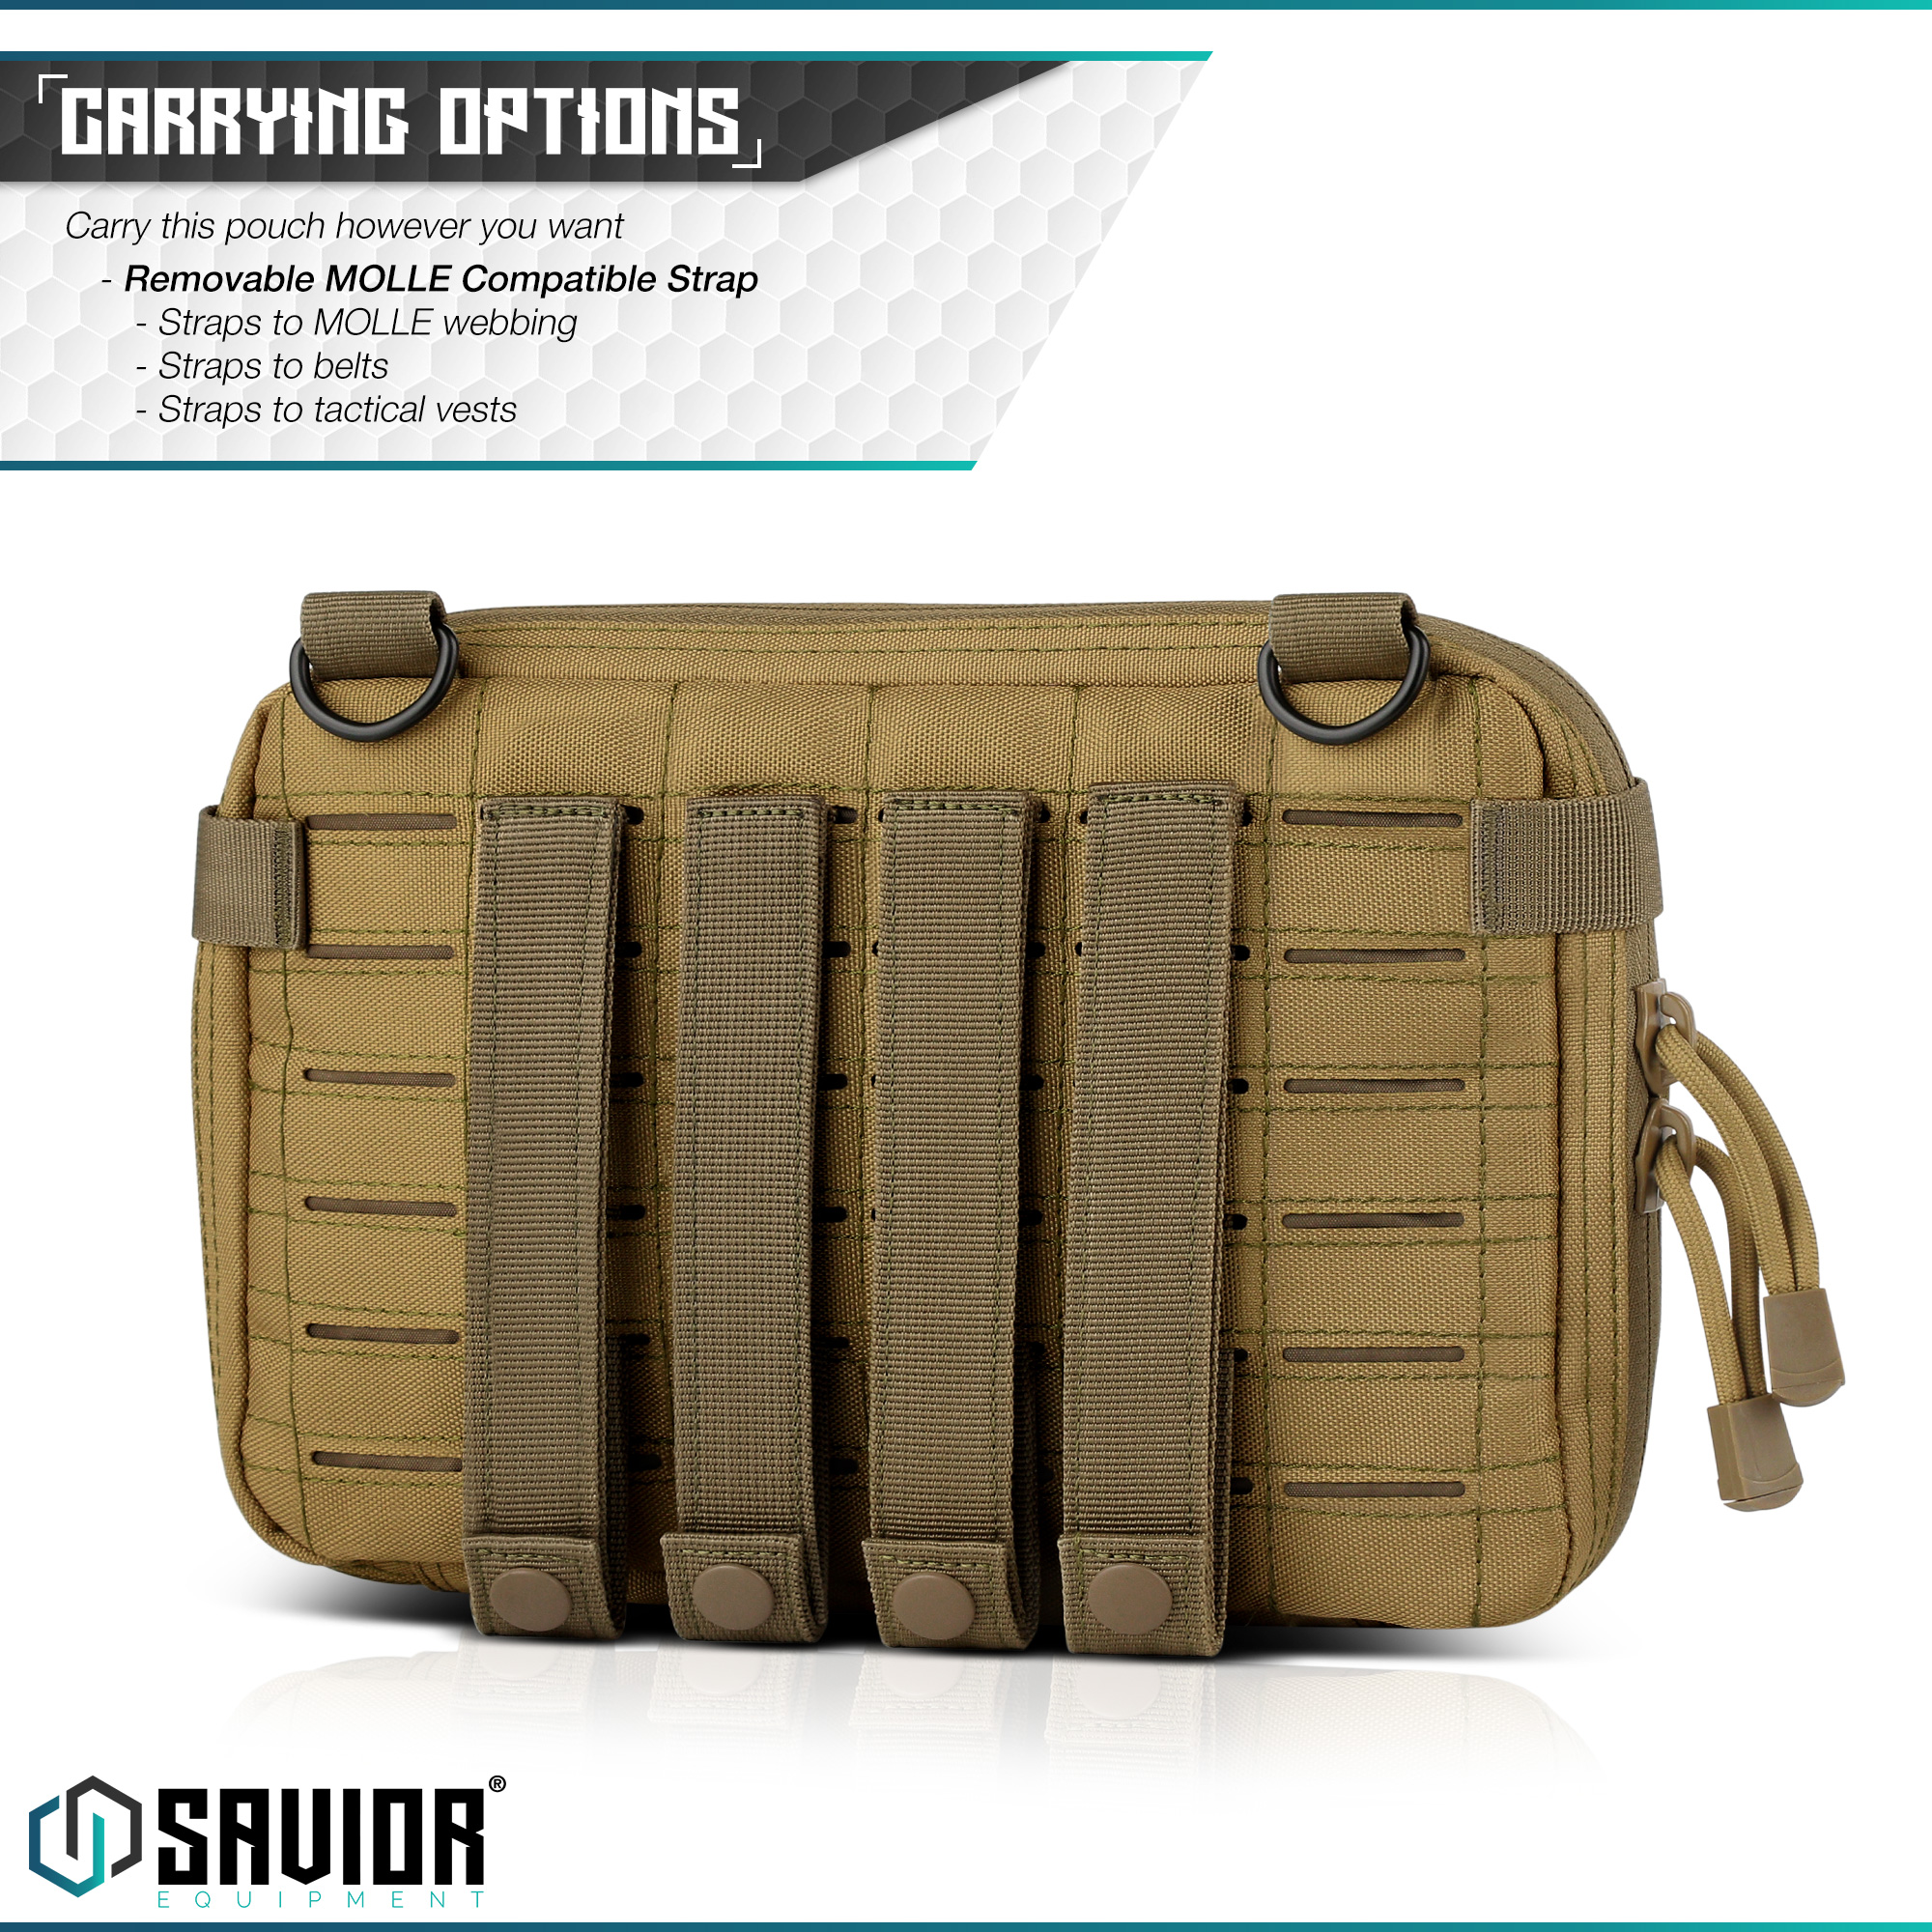 SAVIOR-Laser-Cut-MOLLE-Admin-Utility-EDC-Pouch-Tactical-Outdoor-Survival-Bag thumbnail 12